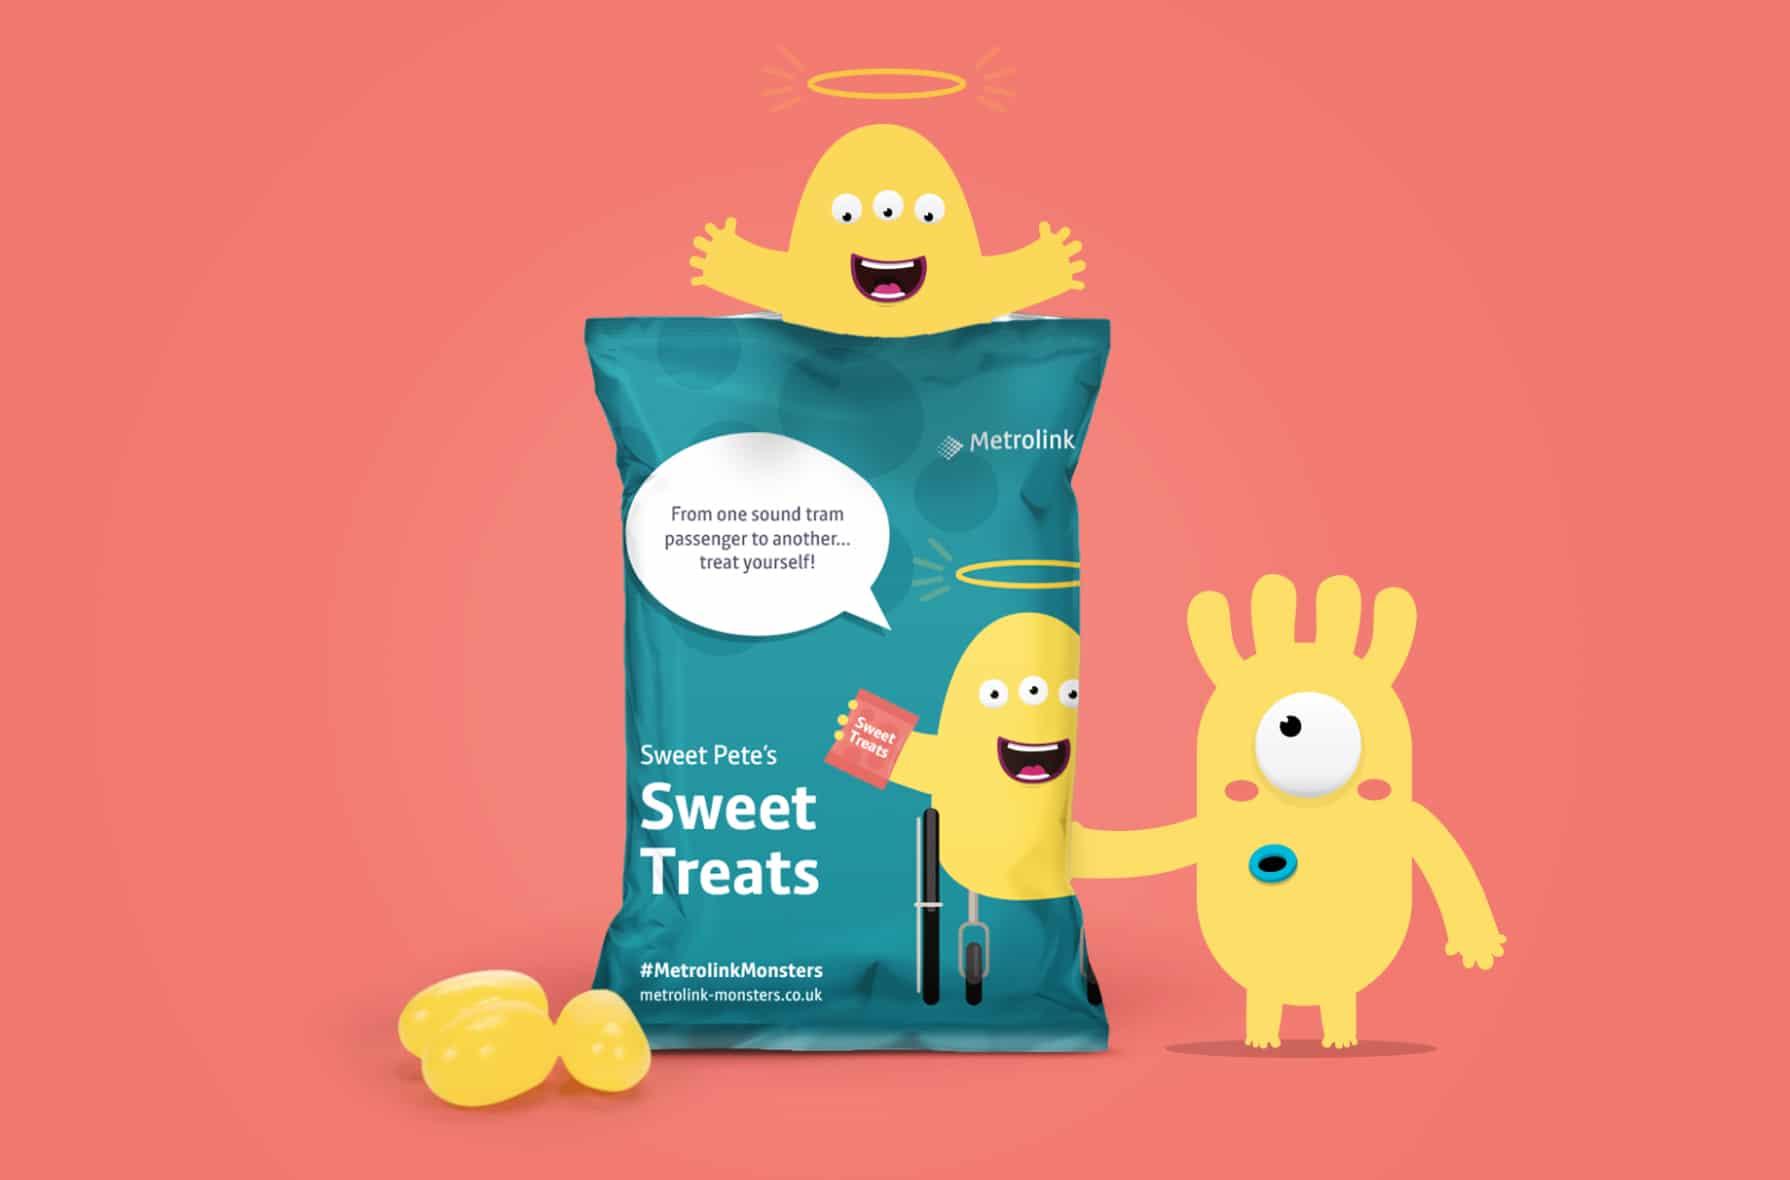 Metrolink Monsters sweets